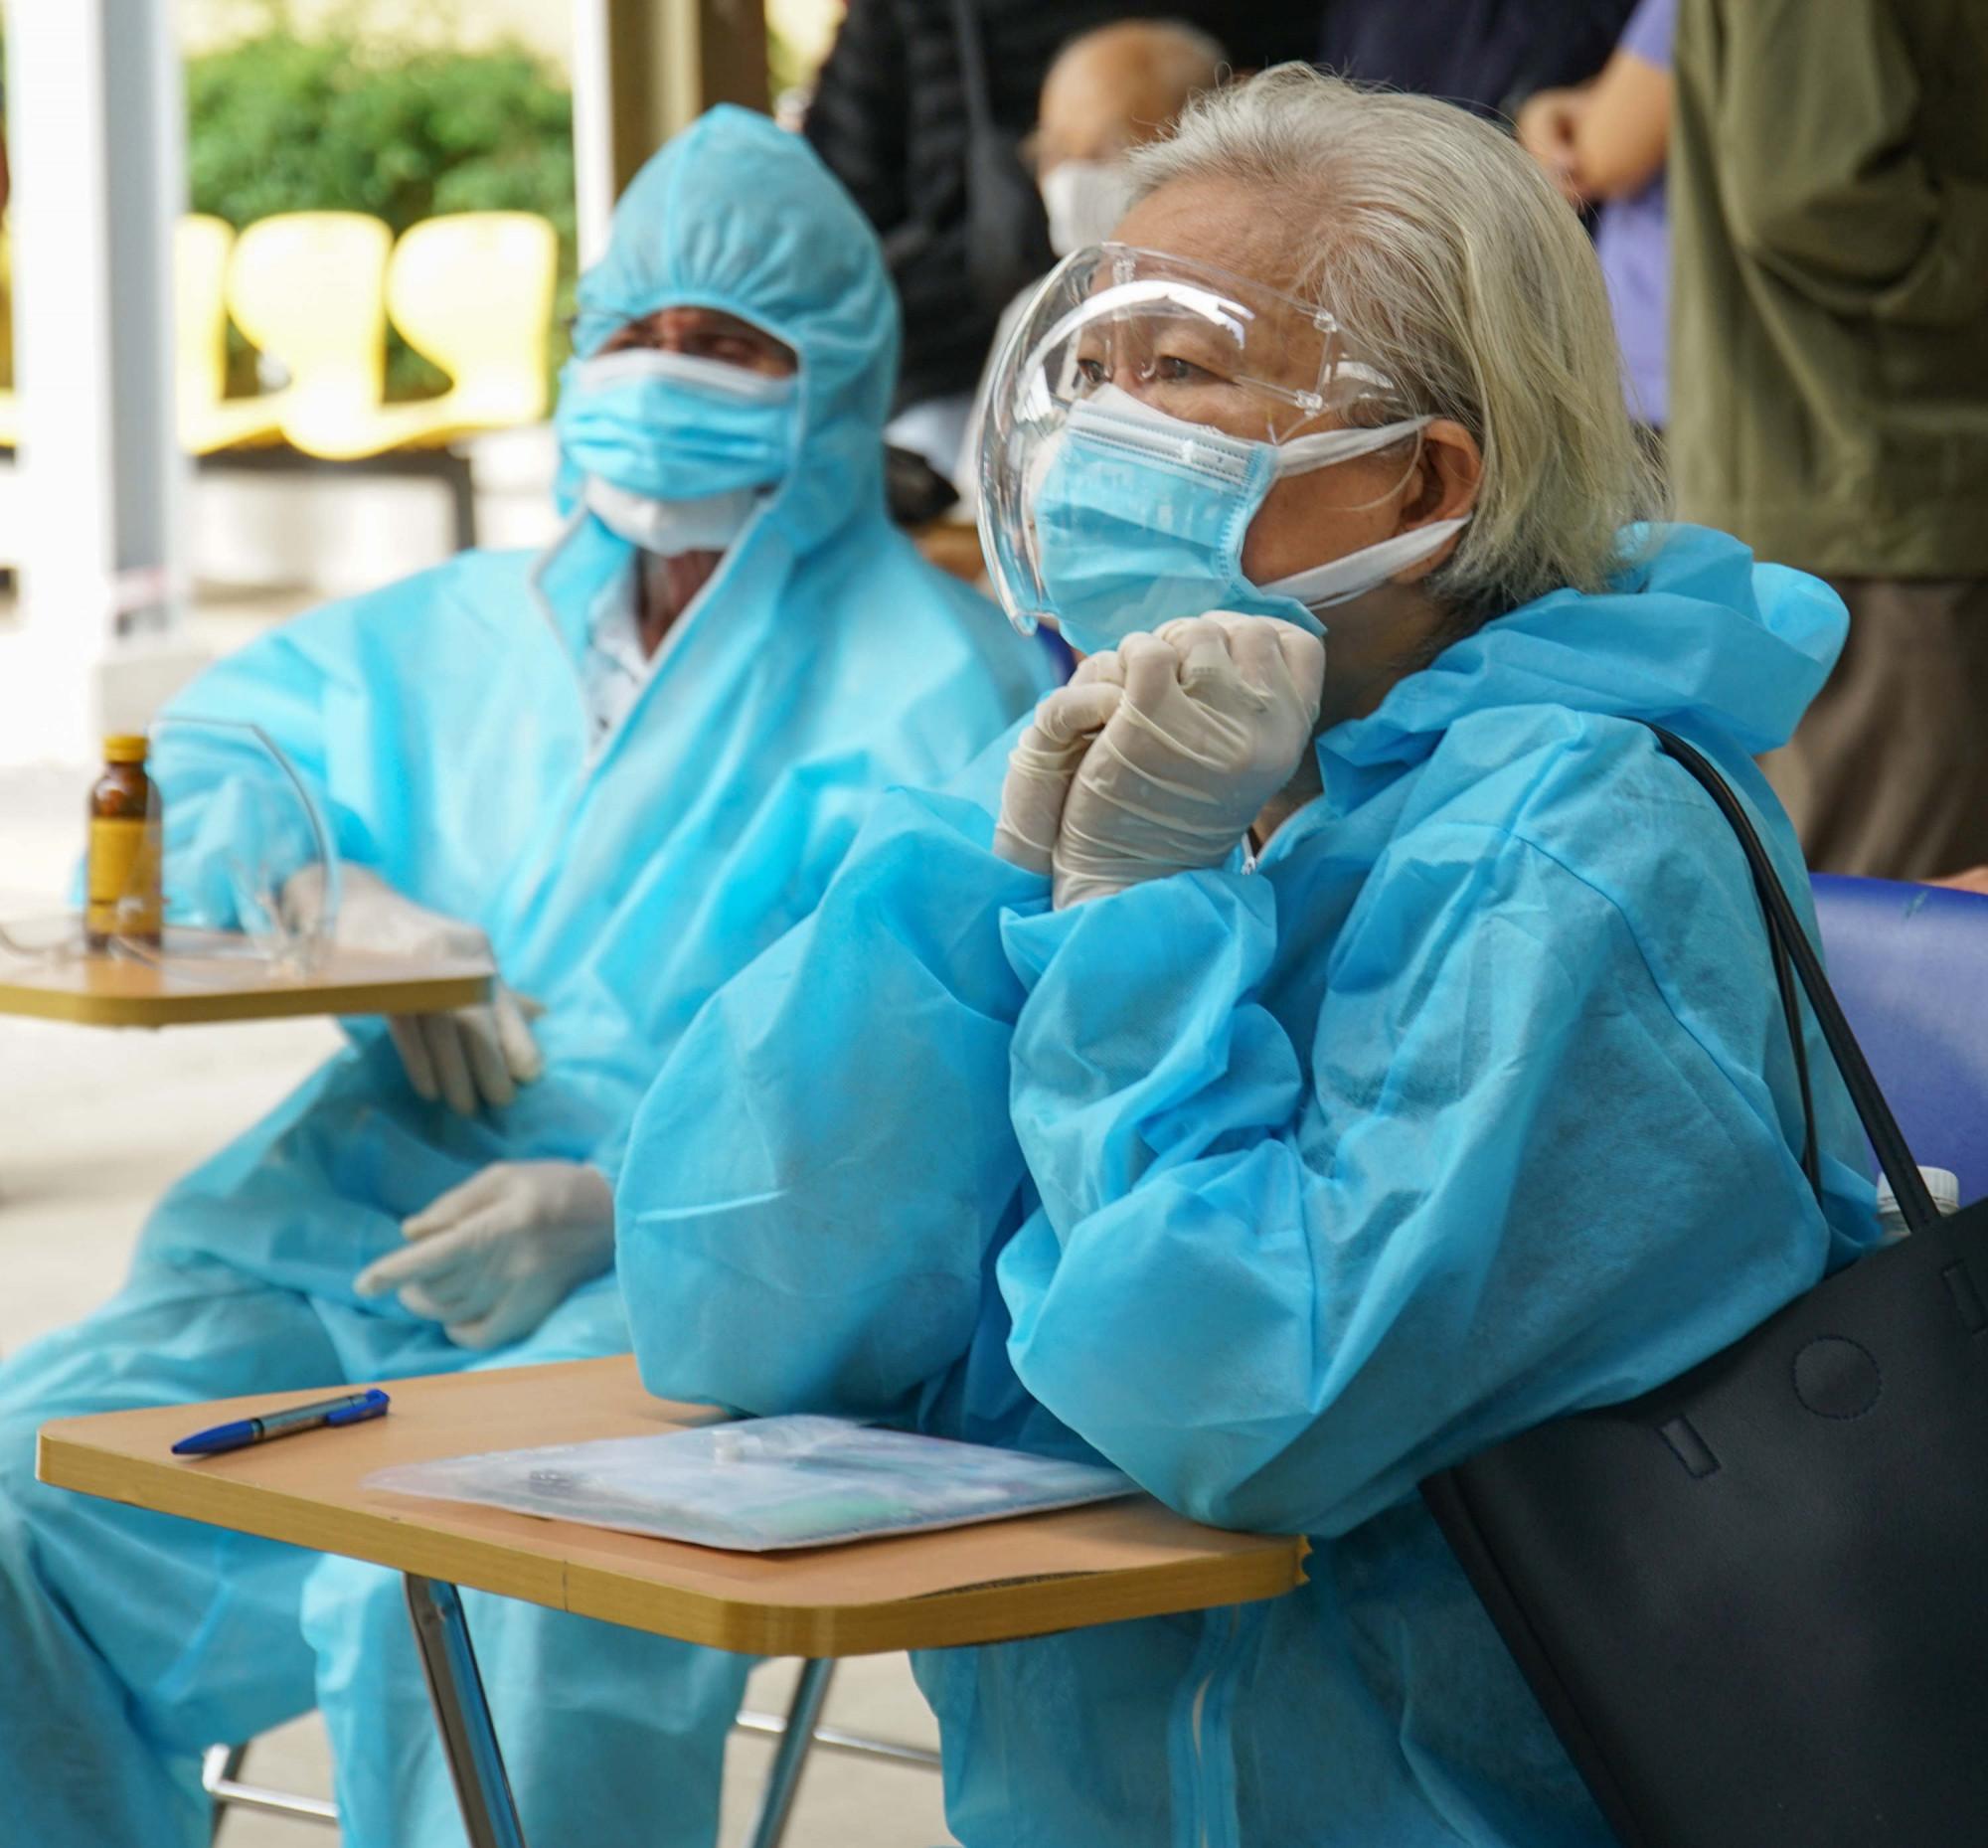 """Các cụ chia sẻ: """"Được tiêm vaccine Covid-19 ai cũng vui, nhưng phải cẩn thận vì đã lớn tuổi nên trang bị thêm đồ phòng hộ cho yên tâm khi đến nơi đông người"""""""